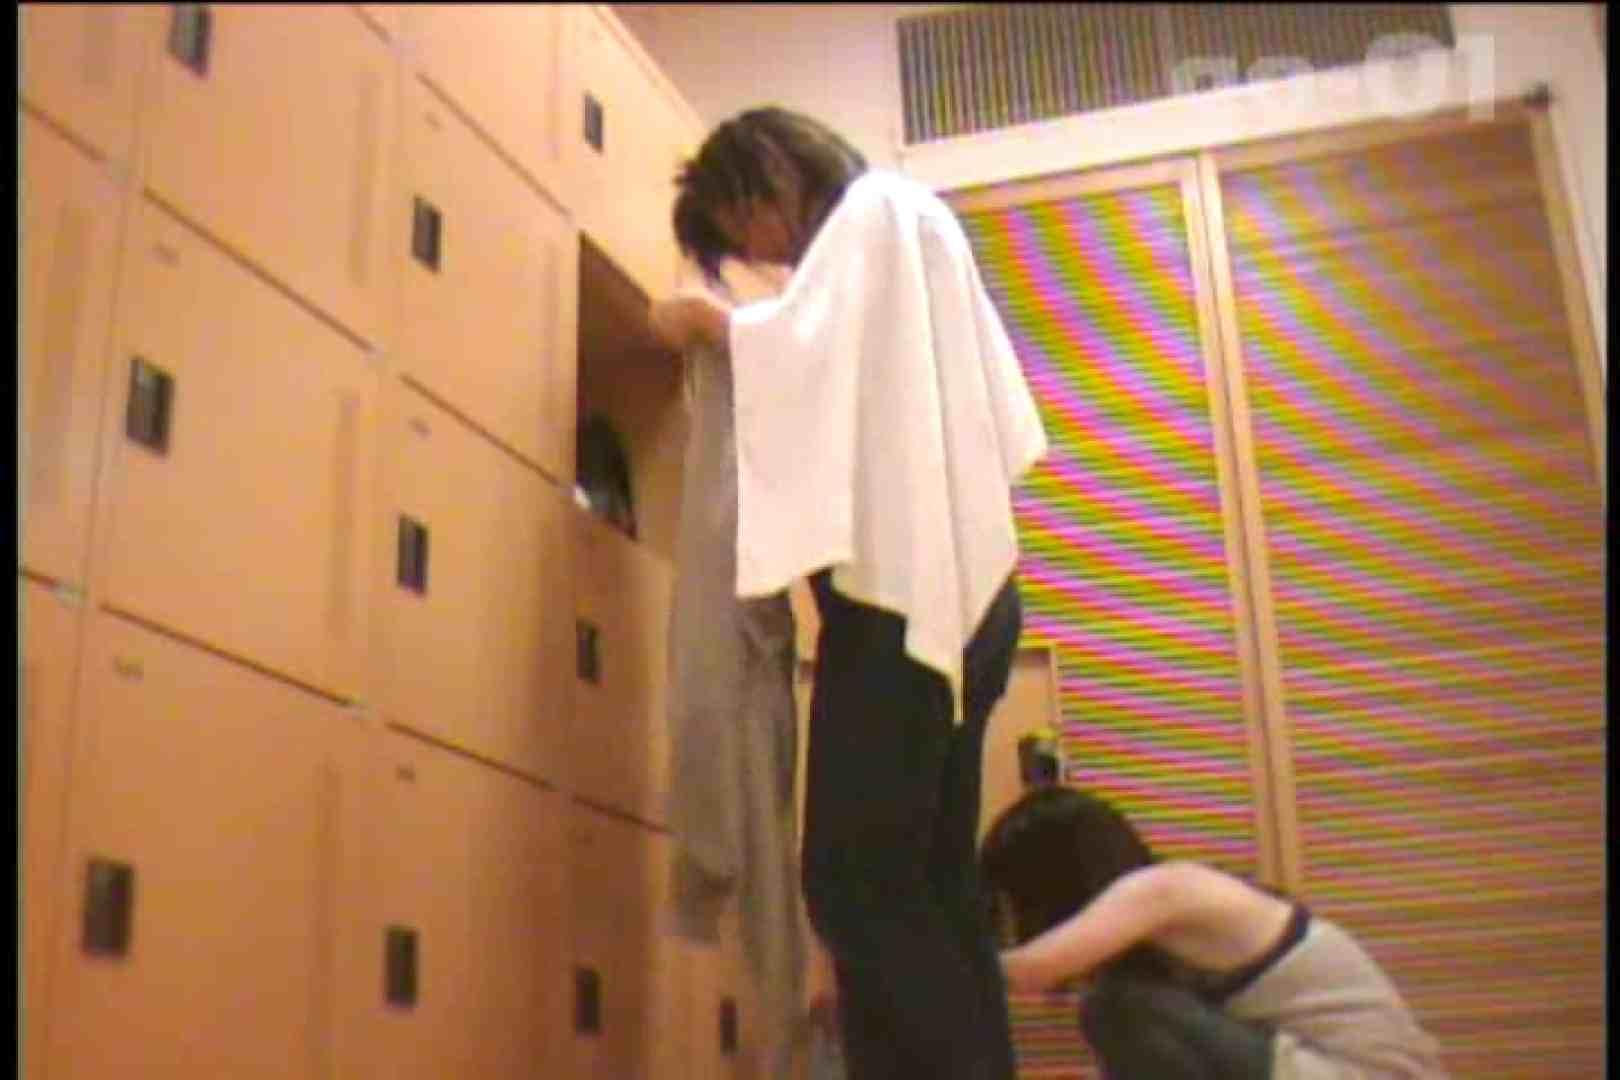 電波カメラ設置浴場からの防HAN映像 Vol.01 丸見え AV無料動画キャプチャ 105枚 3